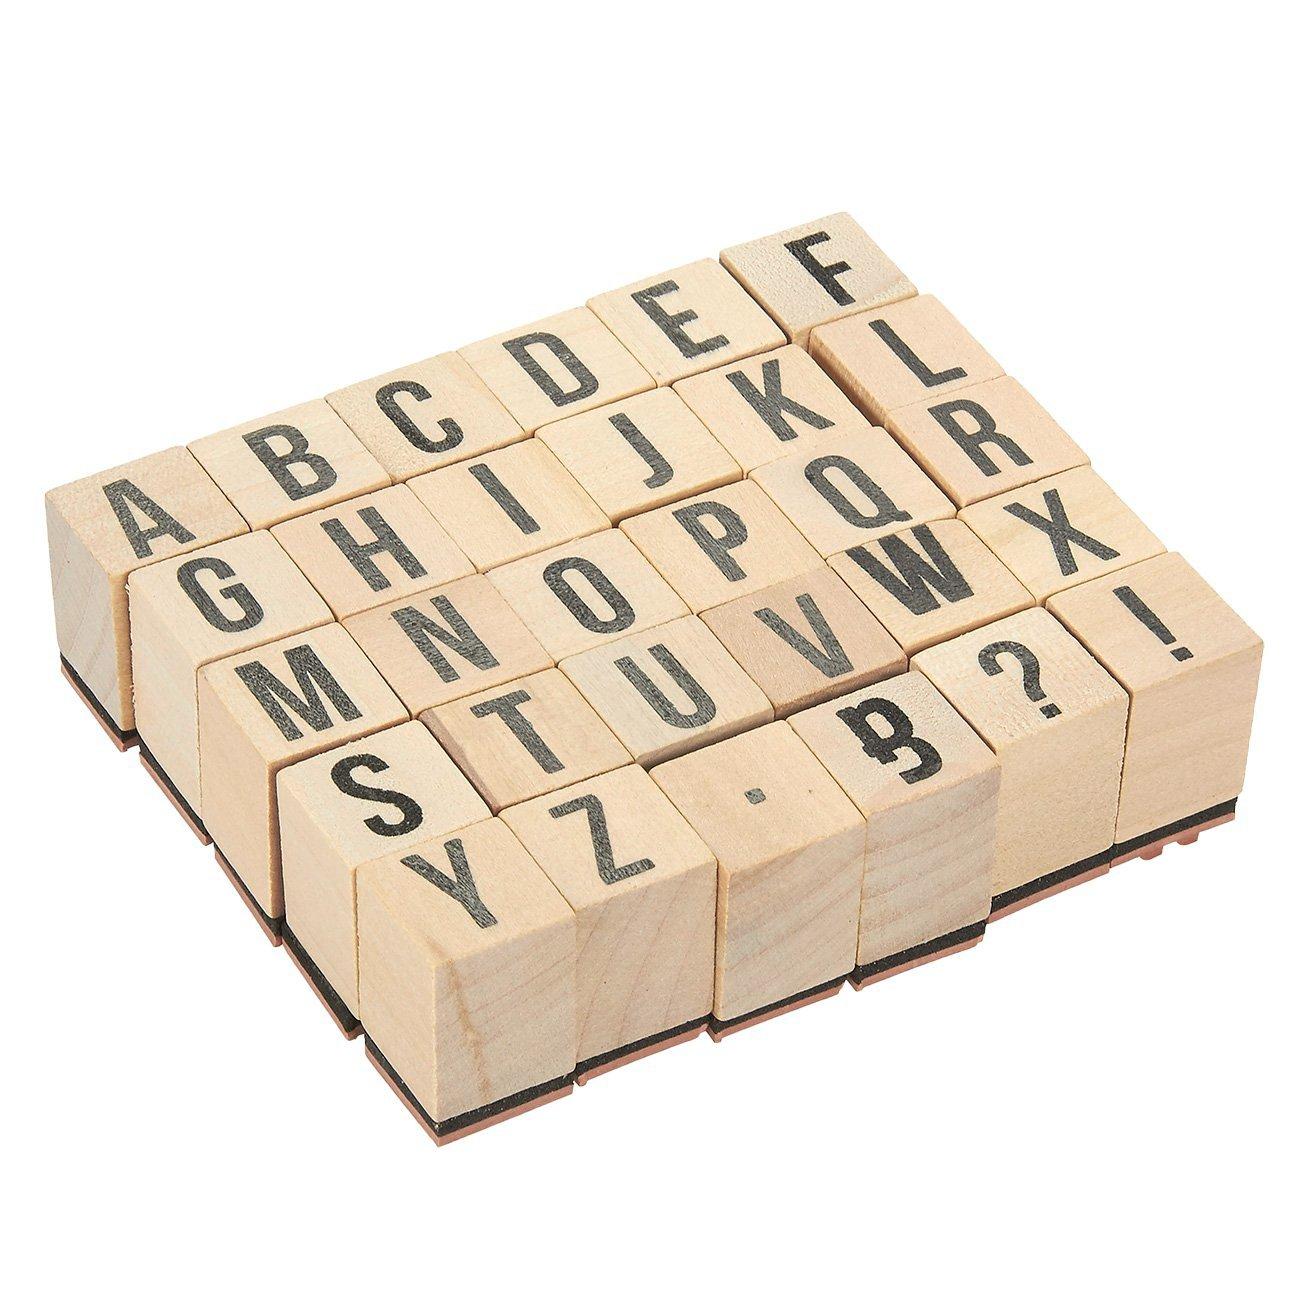 Francobolli ABC in legno –  pezzi Set punzoni lettere dell' alfabeto e simboli –  legno montato timbri di gomma per la creazione di biglietti, lavoretti e scrapbooking Juvale 4336991955